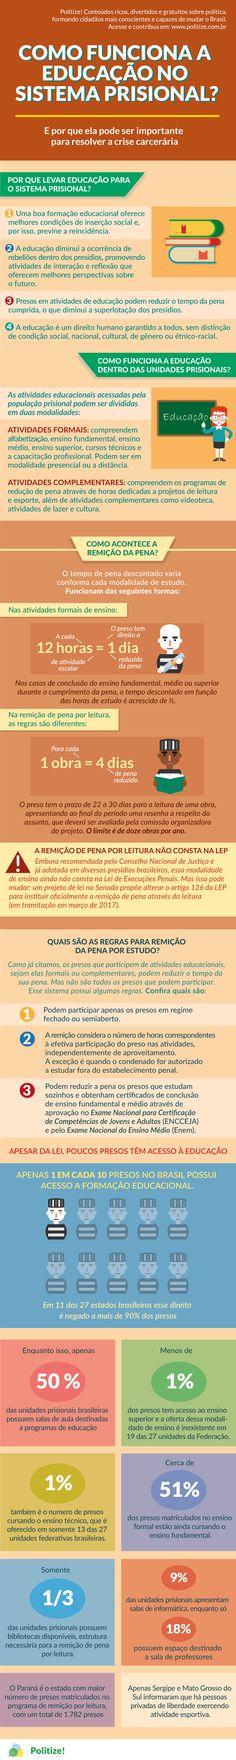 Segundo dados do Infopen, o grau de escolaridade da população carcerária brasileira é extremamente baixo. Enquanto a média nacional de pessoas que não concluíram o ensino fundamental é de 50%, no sistema prisional 8 em cada 10 pessoas estudaram no máximo até o ensino fundamental.  Manter os jovens na escola por pelo menos até o fim do ensino médio pode ser uma importante política para redução da criminalidade. Entenda como funciona a educação nas prisões brasileiras: